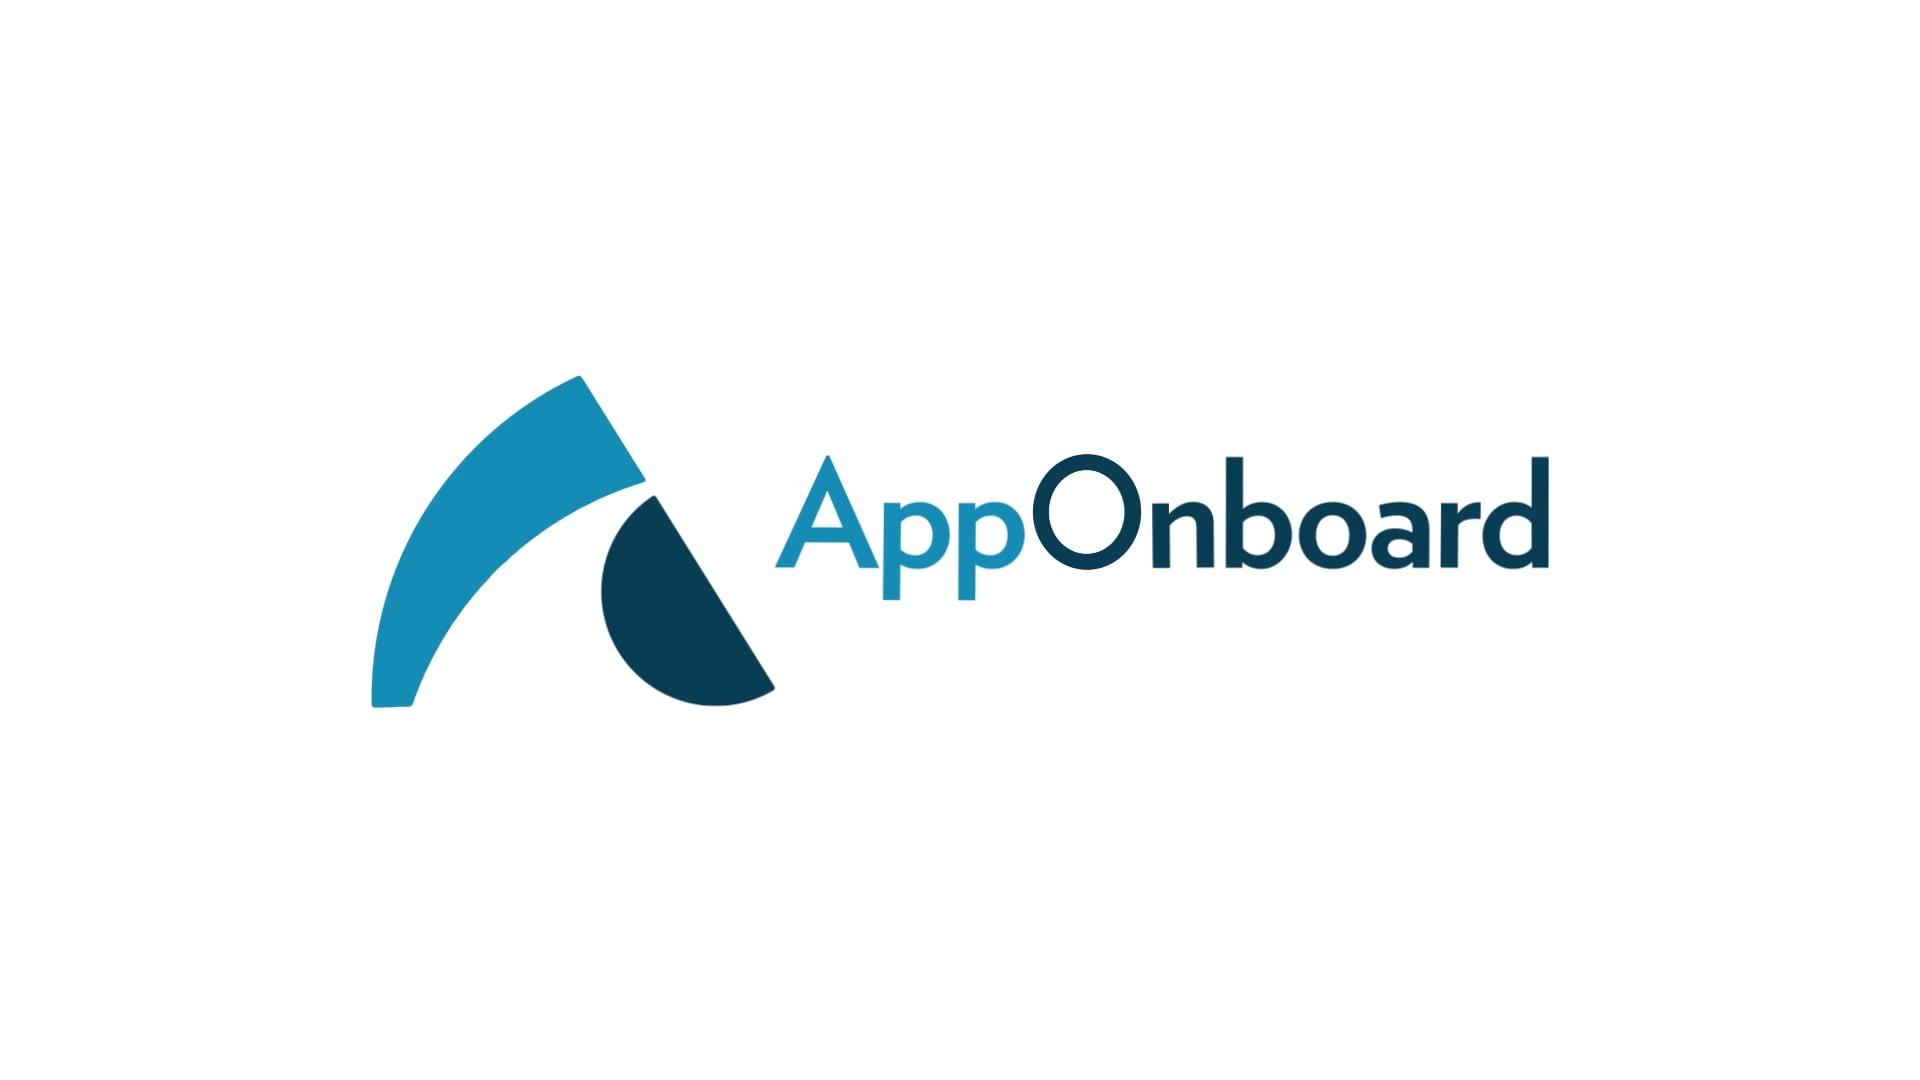 AppOnboard presentation